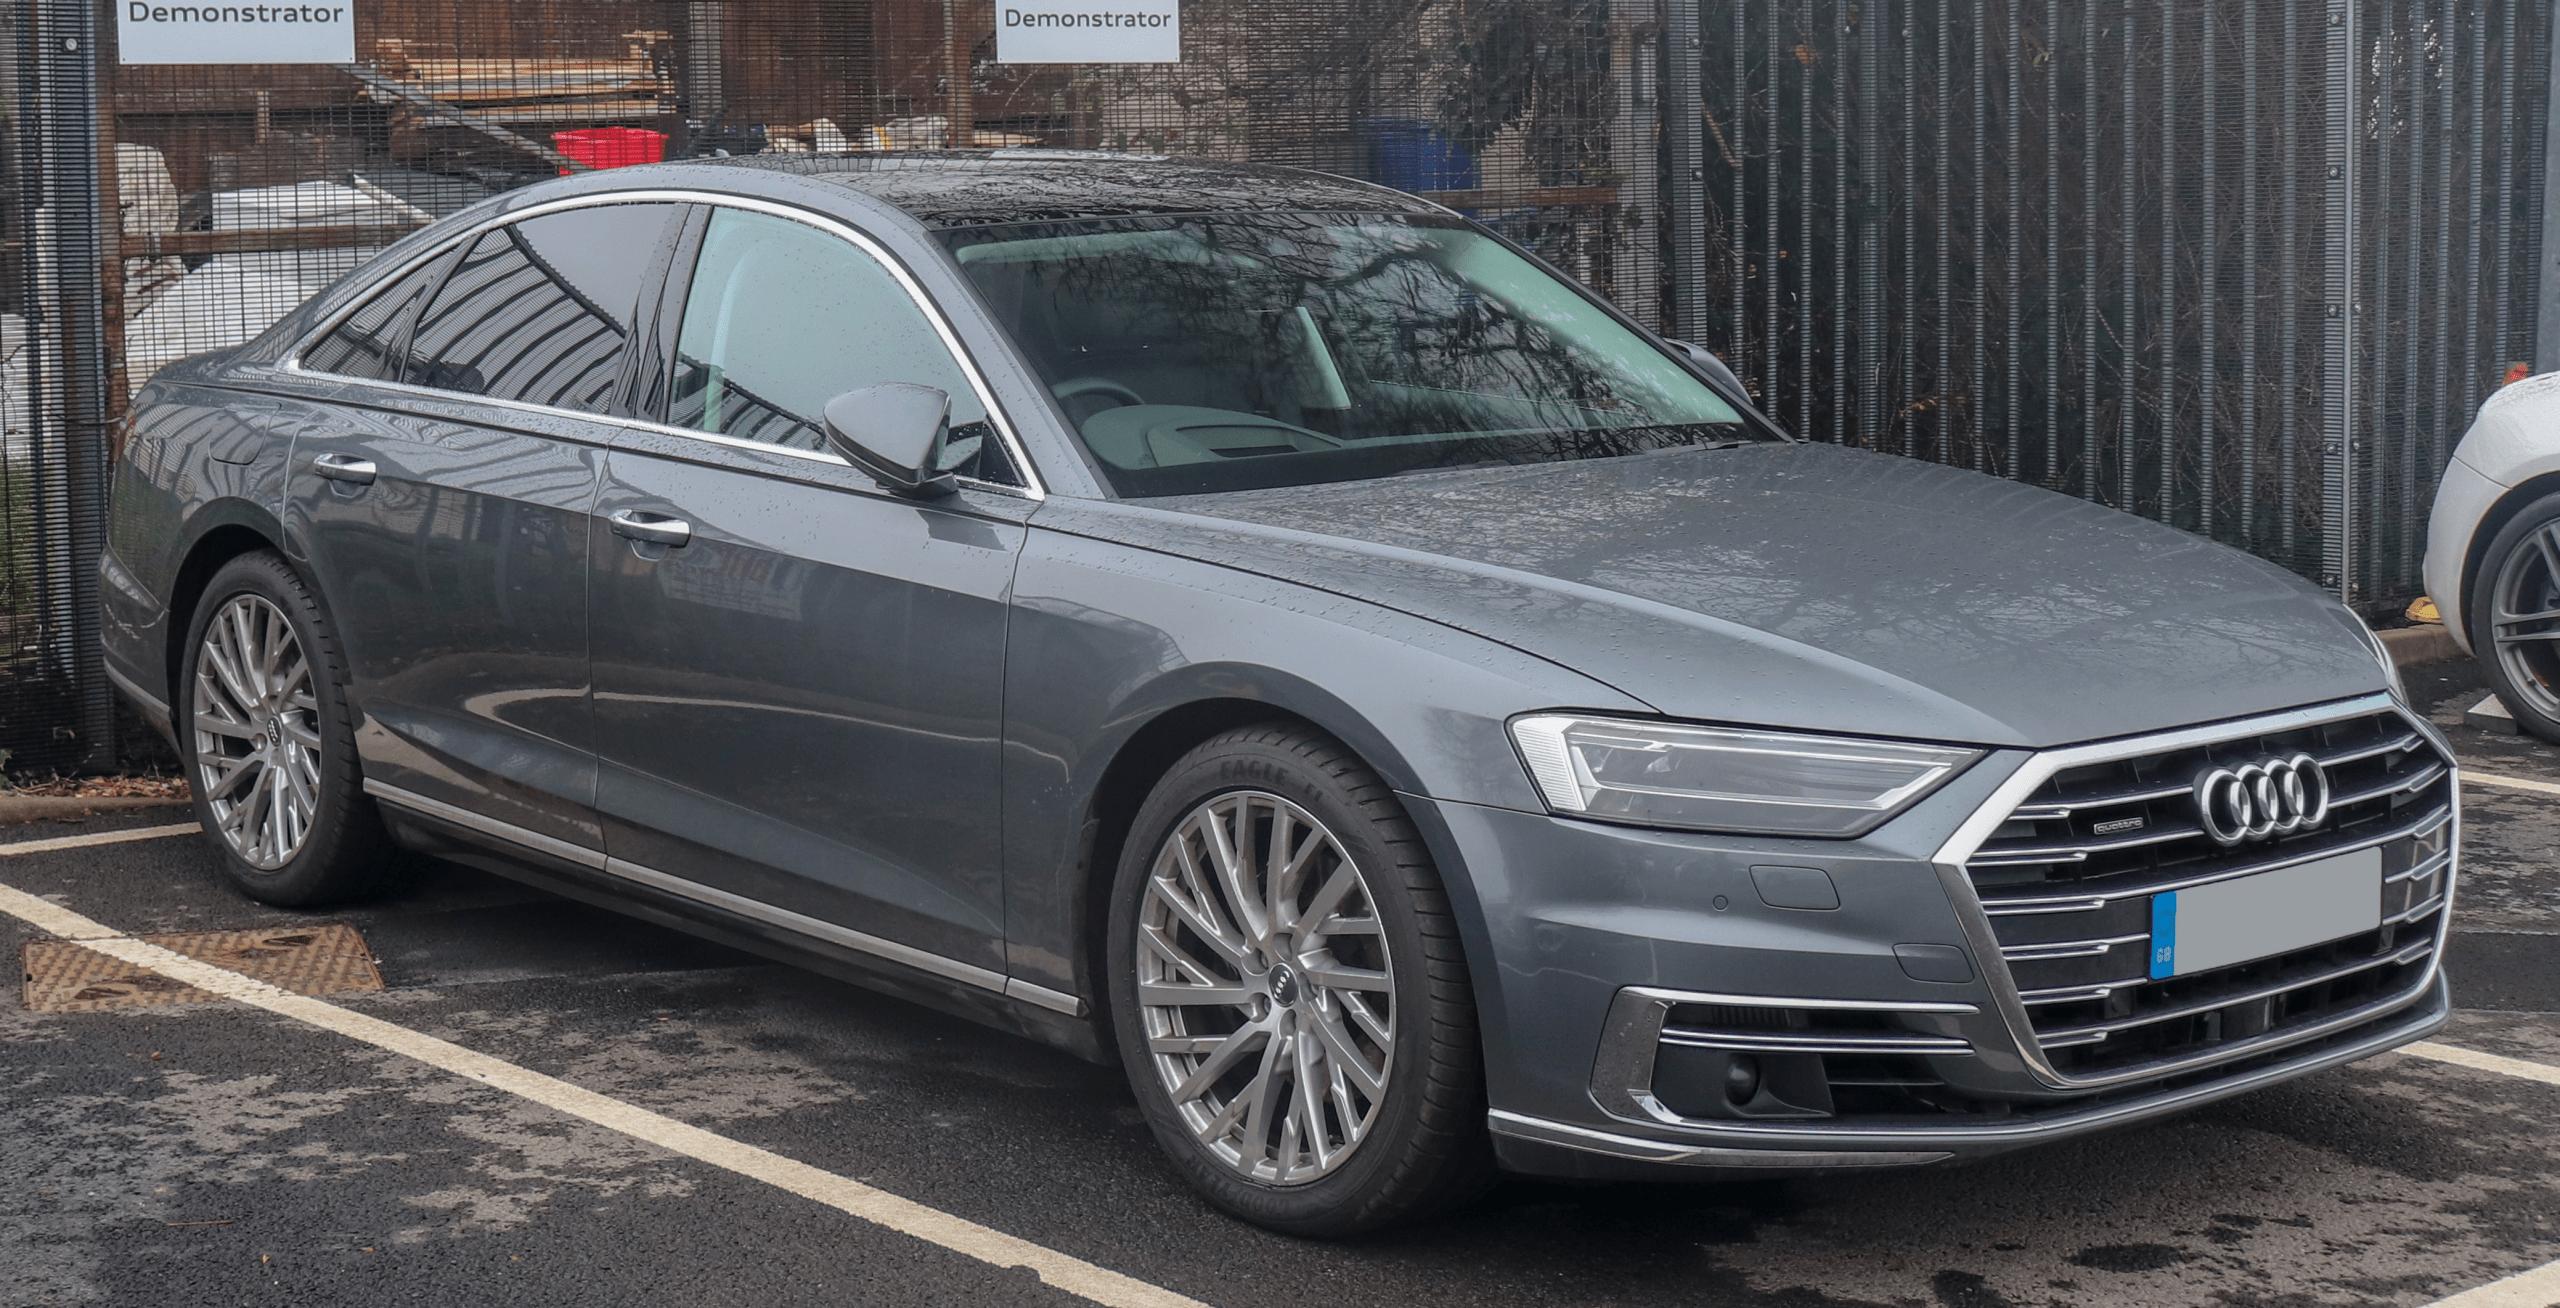 2021 The Audi A6 Price And Release Date In 2020 Audi A8 Audi Audi A6